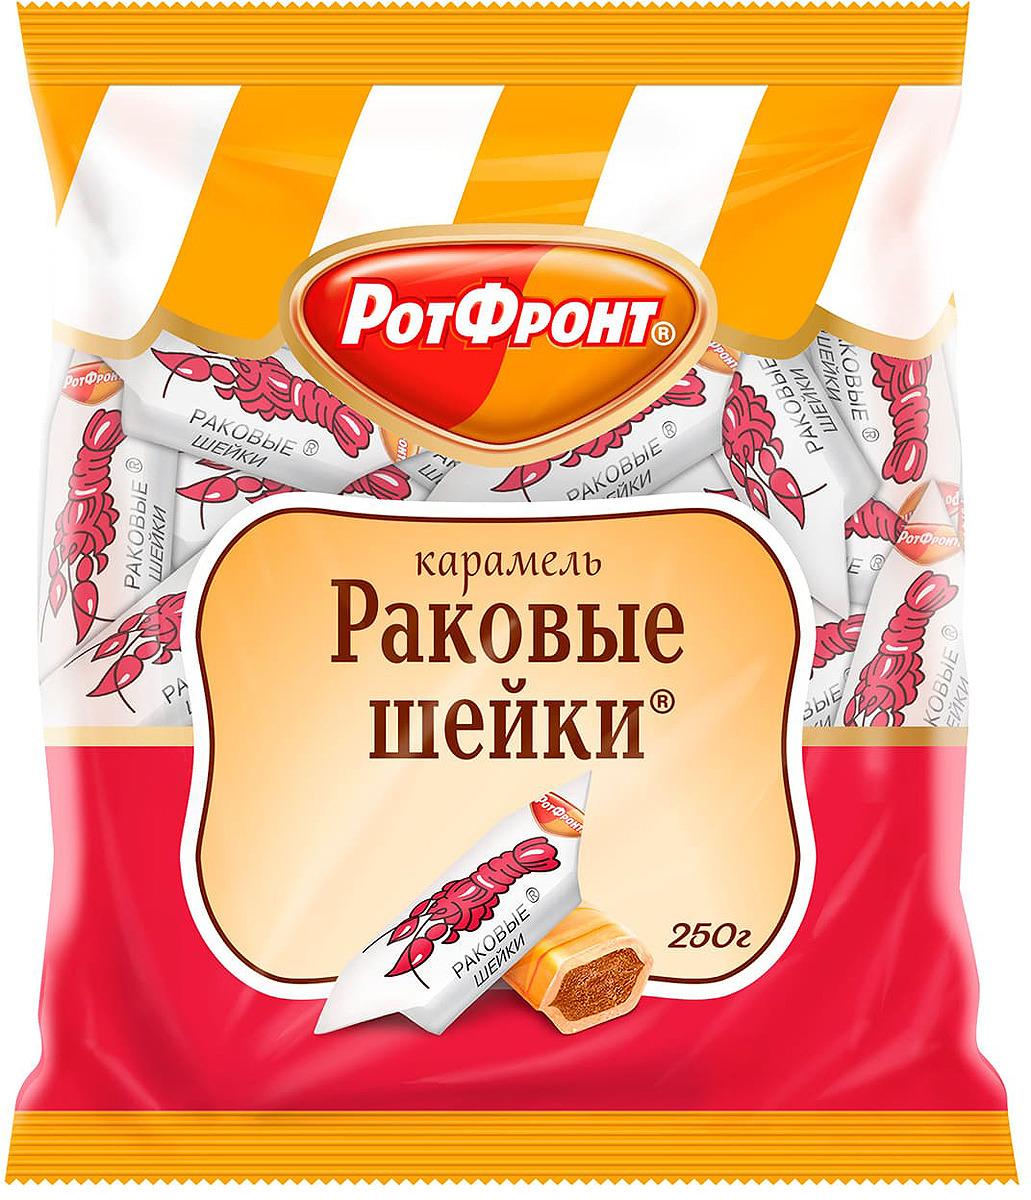 Карамель Красный Октябрь Раковые шейки, 250 г карамель бон пари дыня арбуз 75 г